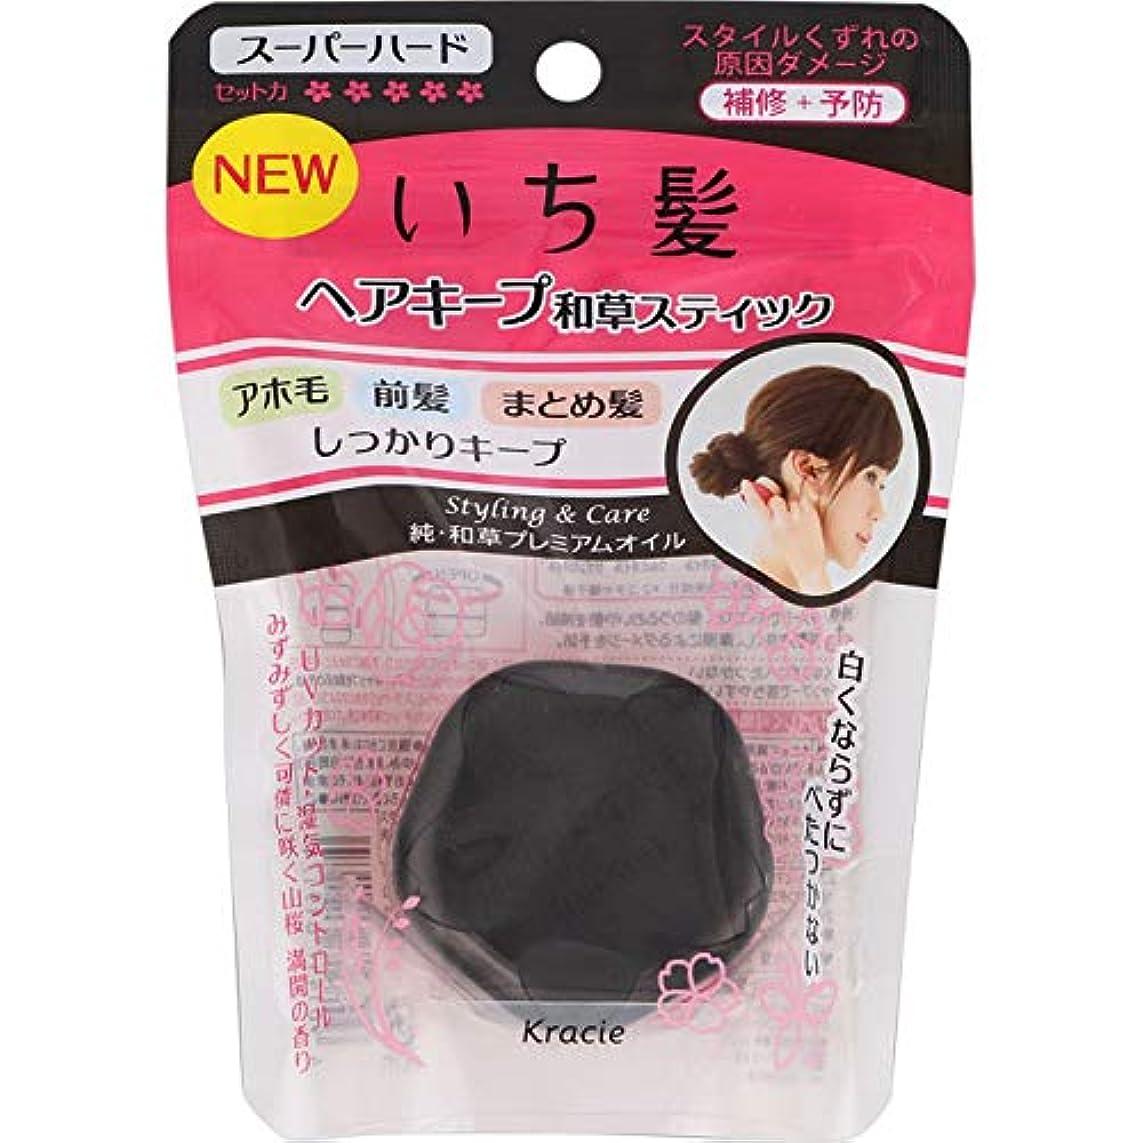 読む改革支援いち髪 ヘアキープ和草スティック(スーパーハード) × 8個セット